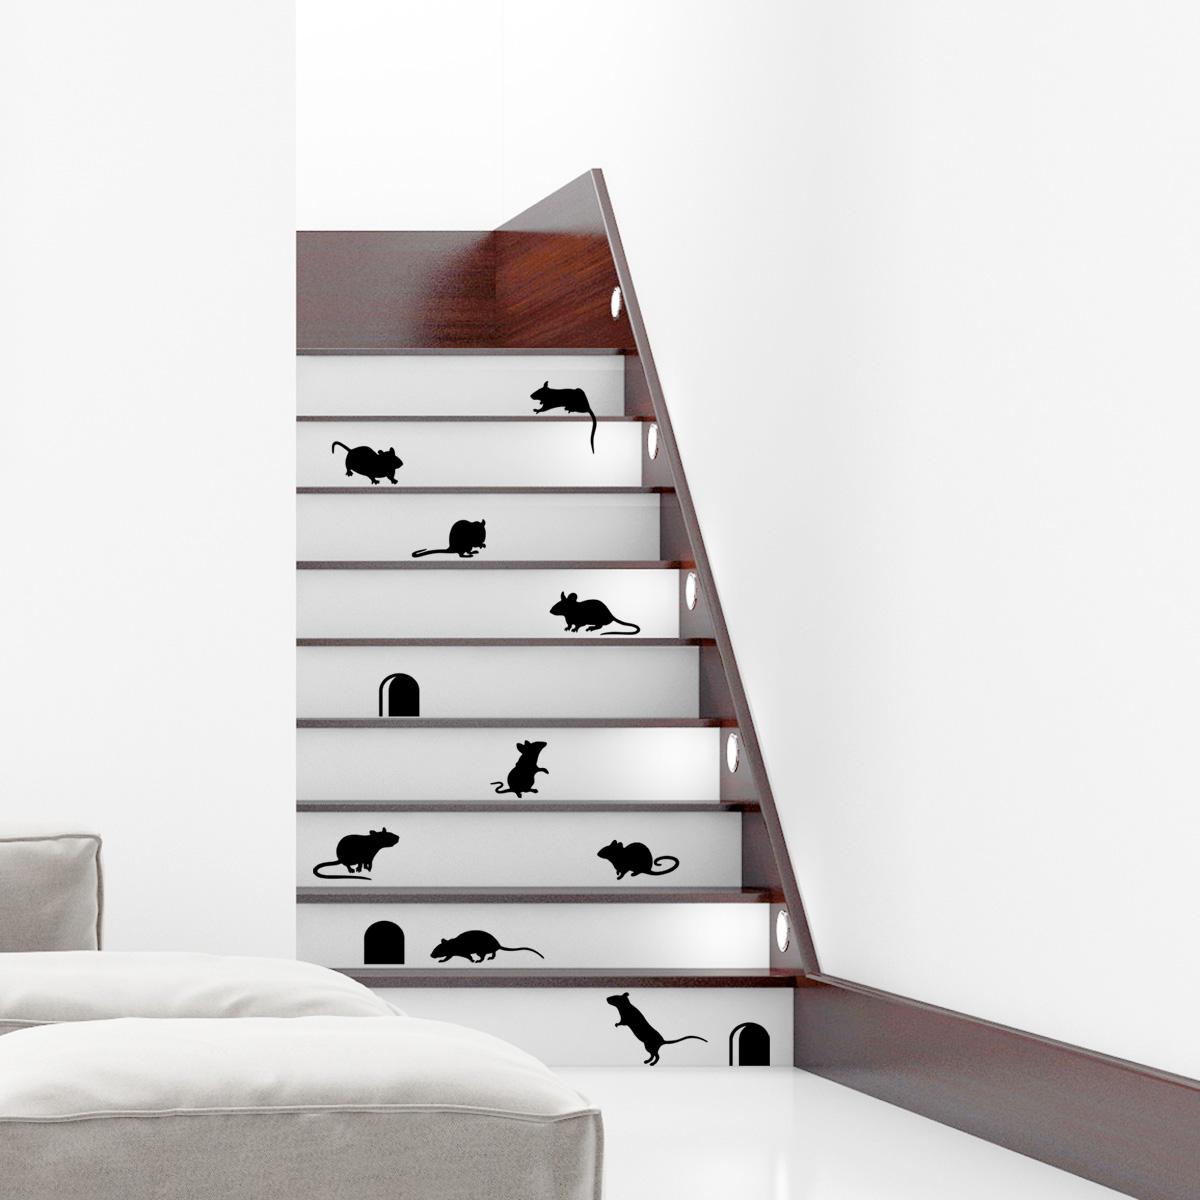 Décoration Marche Escalier Intérieur sticker escaliers drôles avec souris